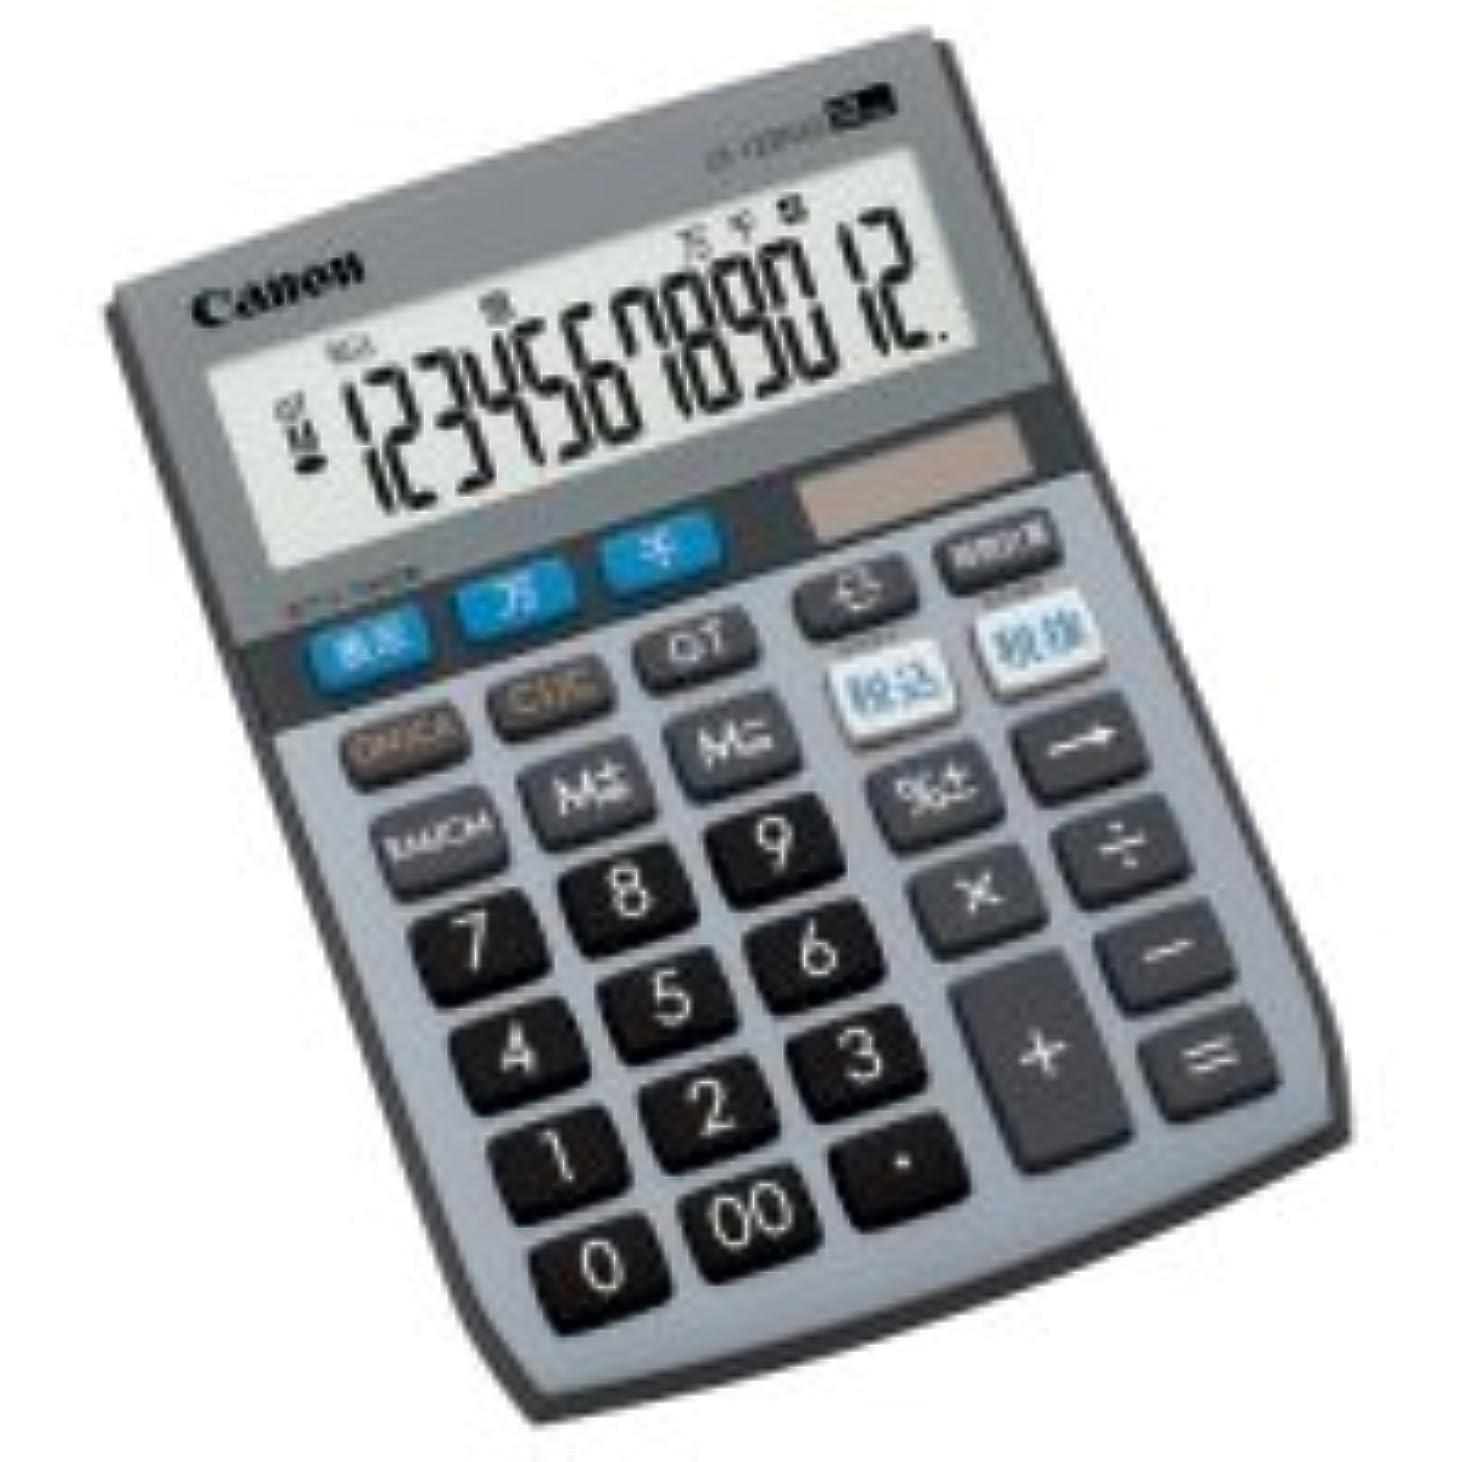 シーボード平和代理店CANON 電卓 千万単位シリーズ LS?122TUG 12桁 ミニ卓上タイプ 1台